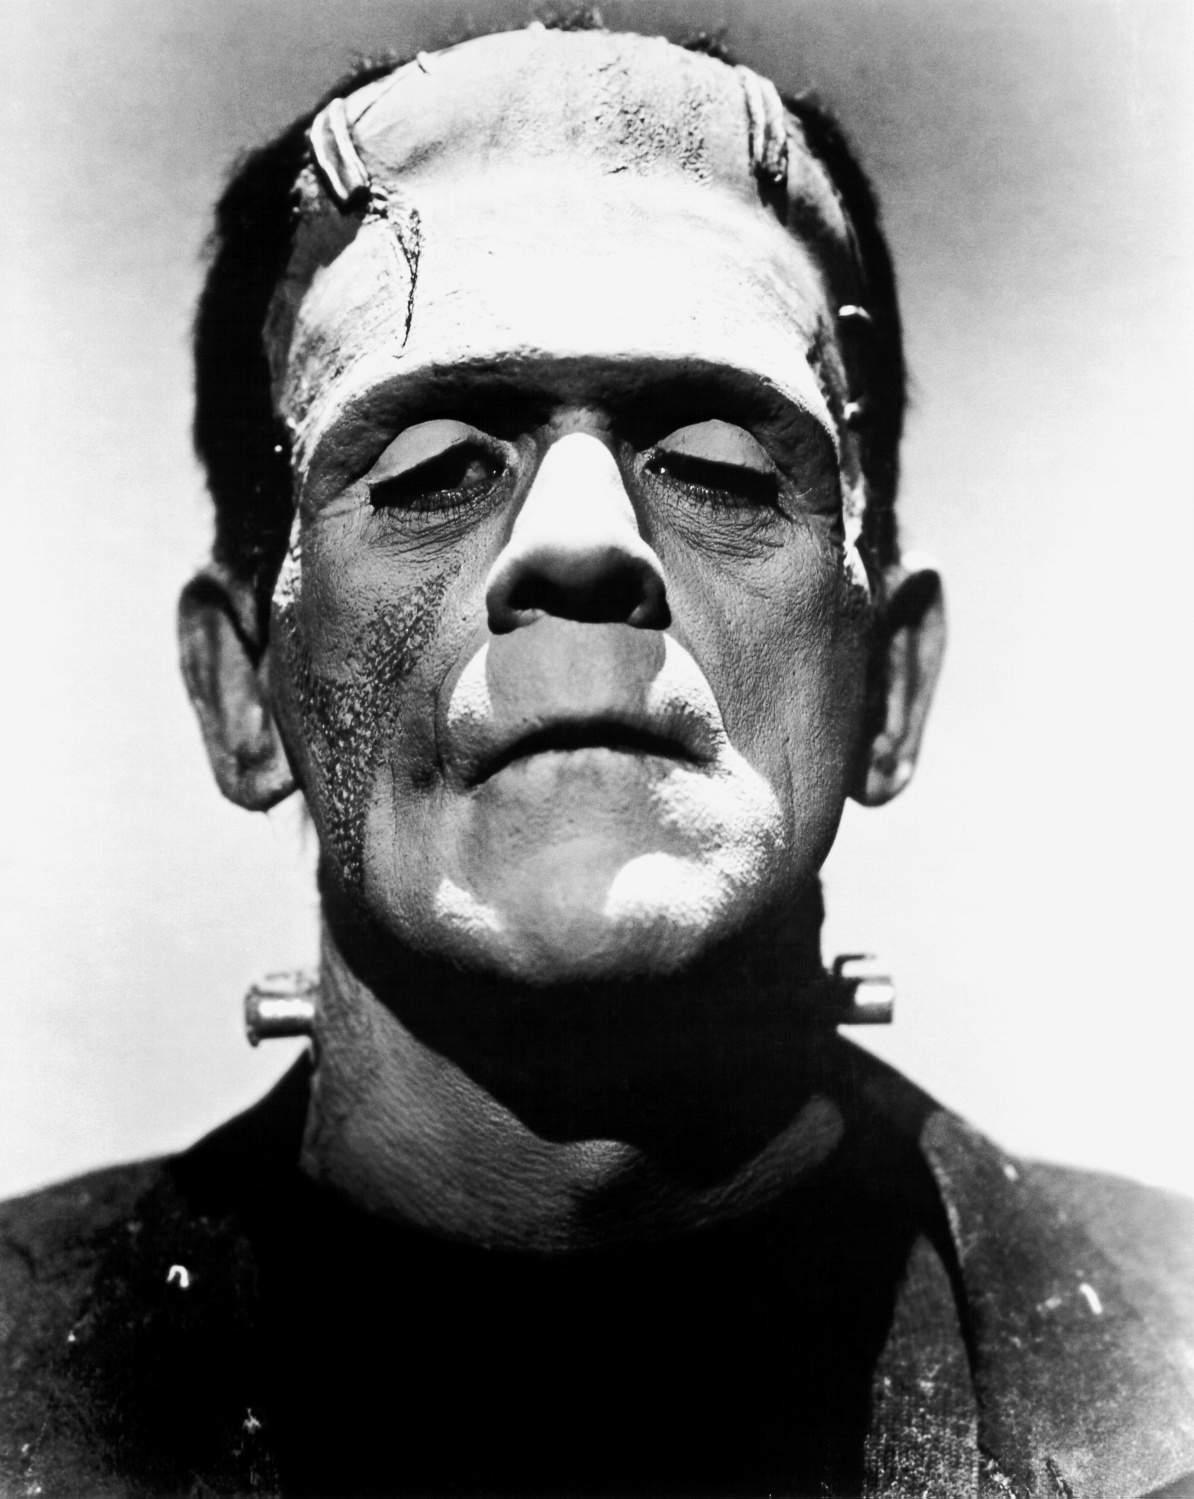 Infama istorie a romantismului (XVII): Frankenstein, dragoste şi ură la 220